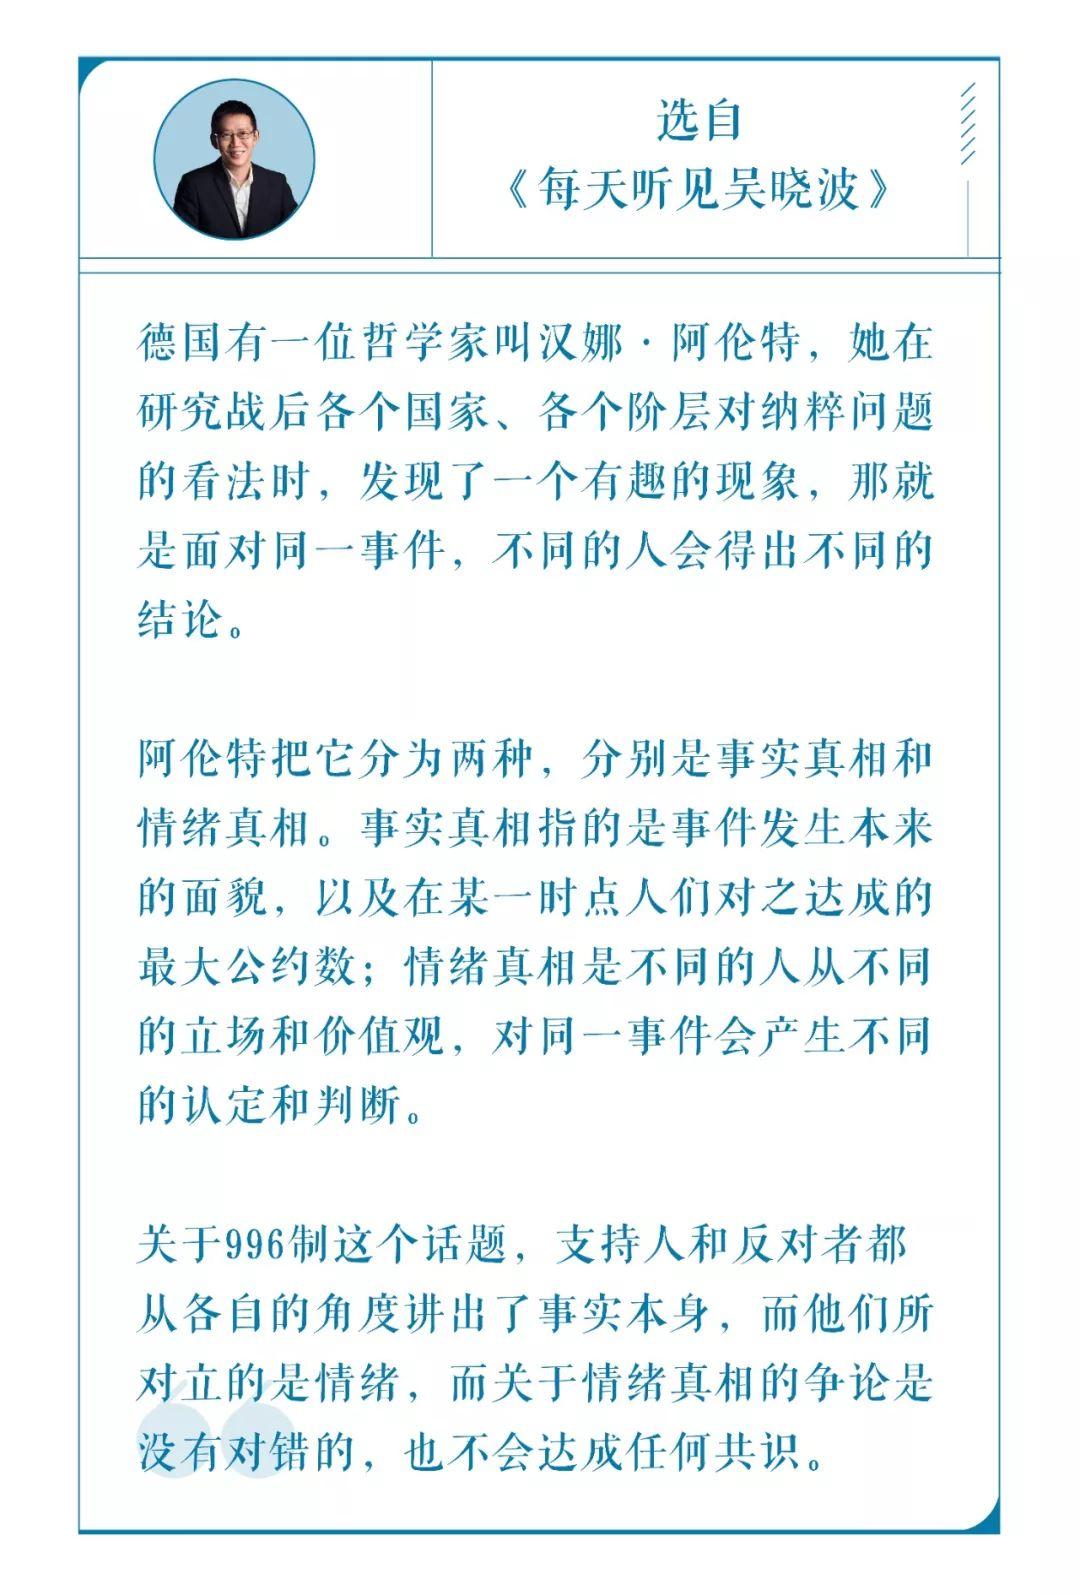 手机网投担保网址 - 向上吧!征服南京双子星就在今天